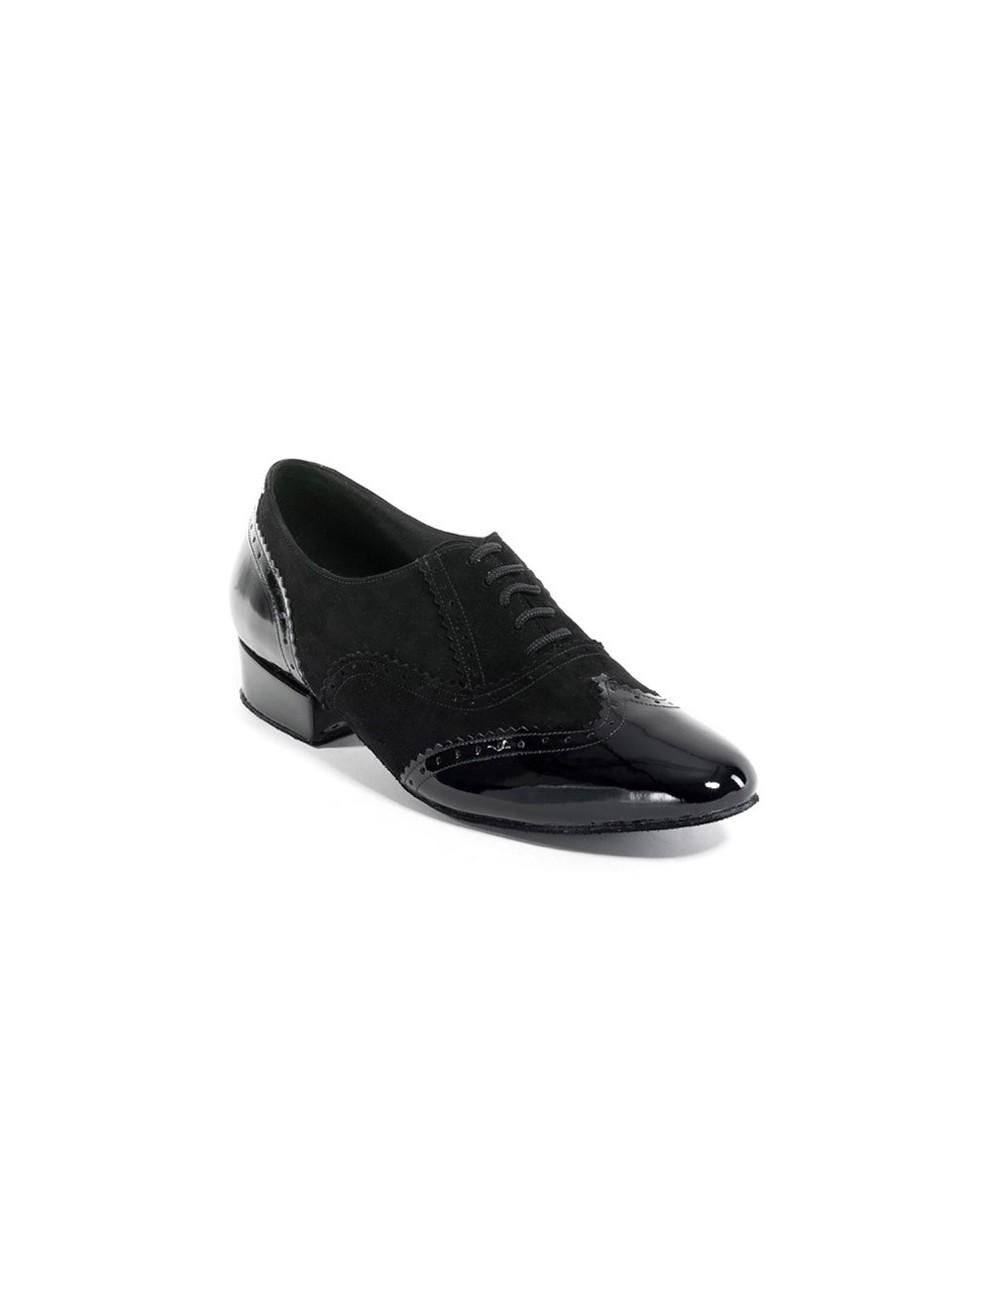 a5799224b8d Zapatos de baile elegantes hombre. Encuentre en Carol Martinez Dance Shoes  un calzado de baile de salon para hombre negro charol. Ideal para bailar  Tango